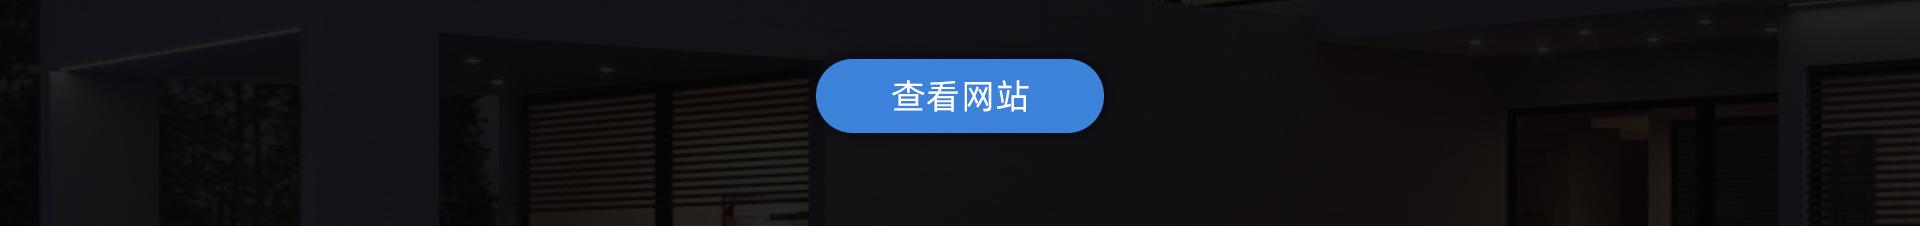 赛娜-赛娜-菜迩多_02